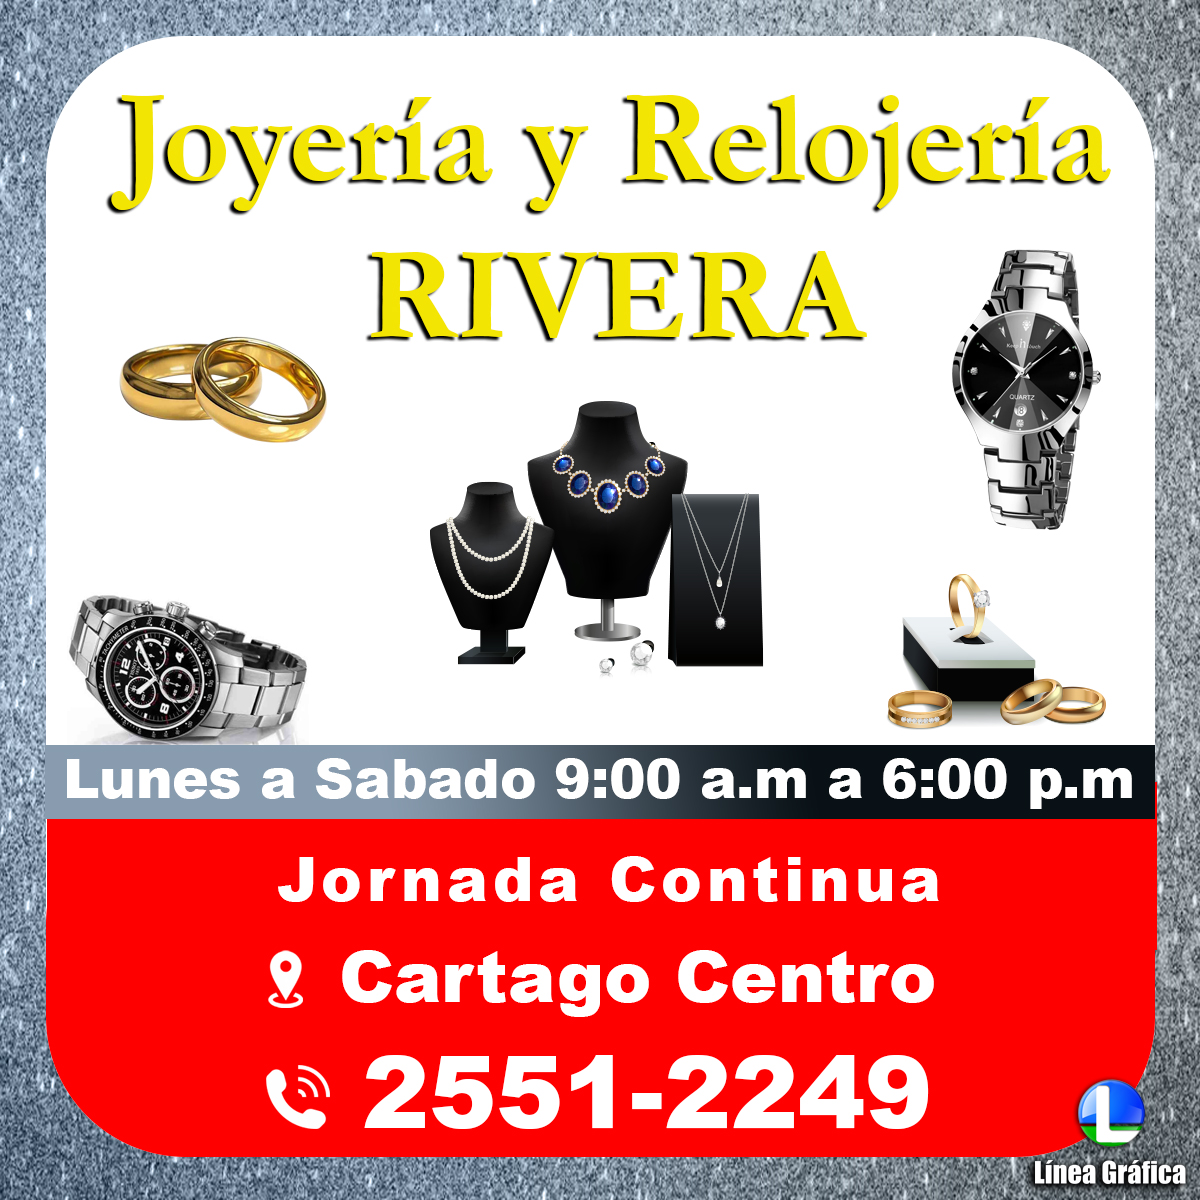 Joyería y Relojería RIVERA 25512249